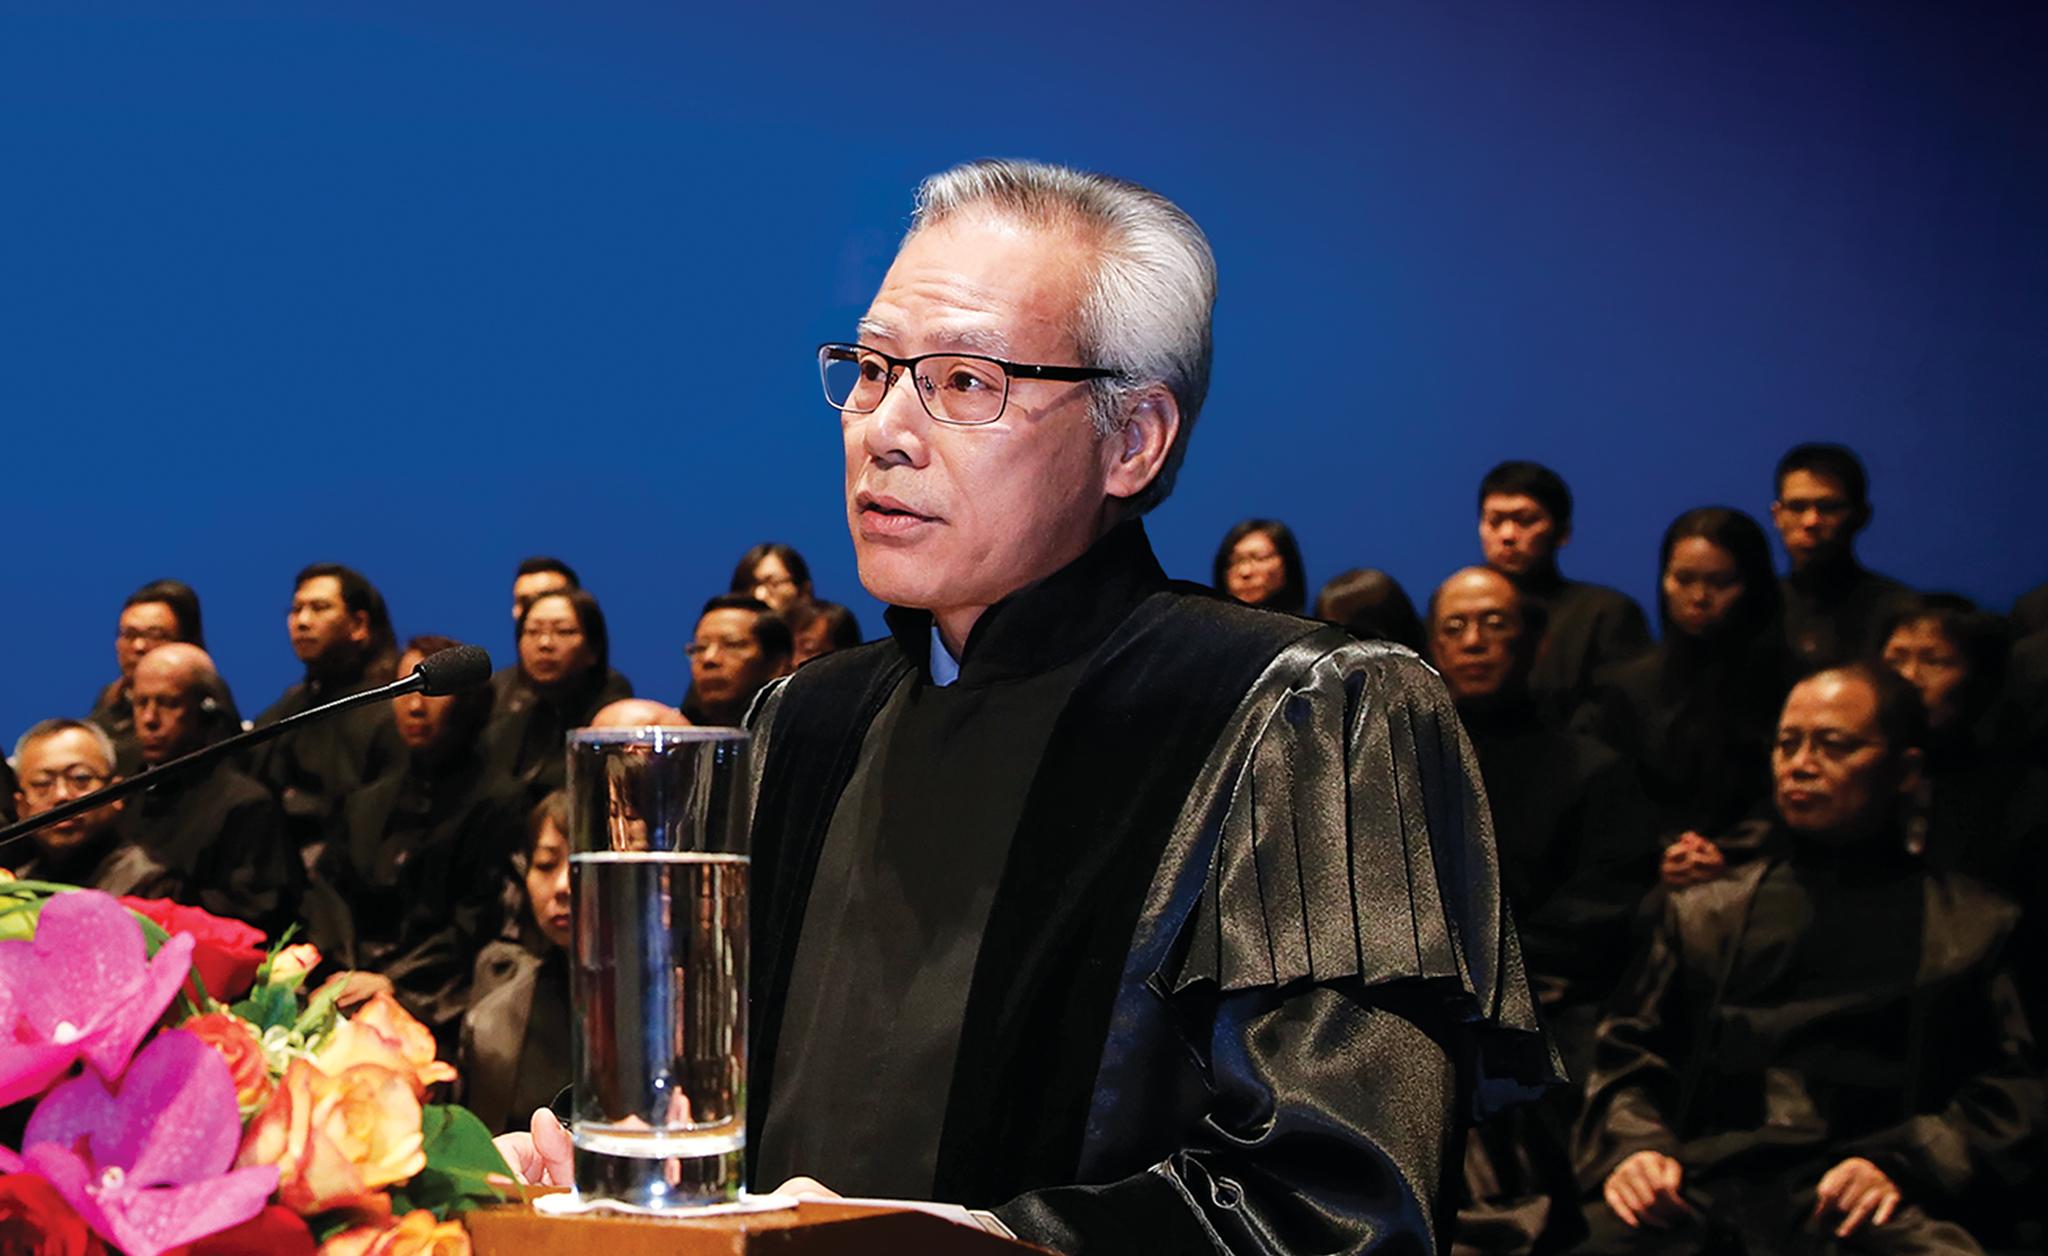 Novo Governo | Ip Son Sang, o senhor que se segue na presidência do TUI?